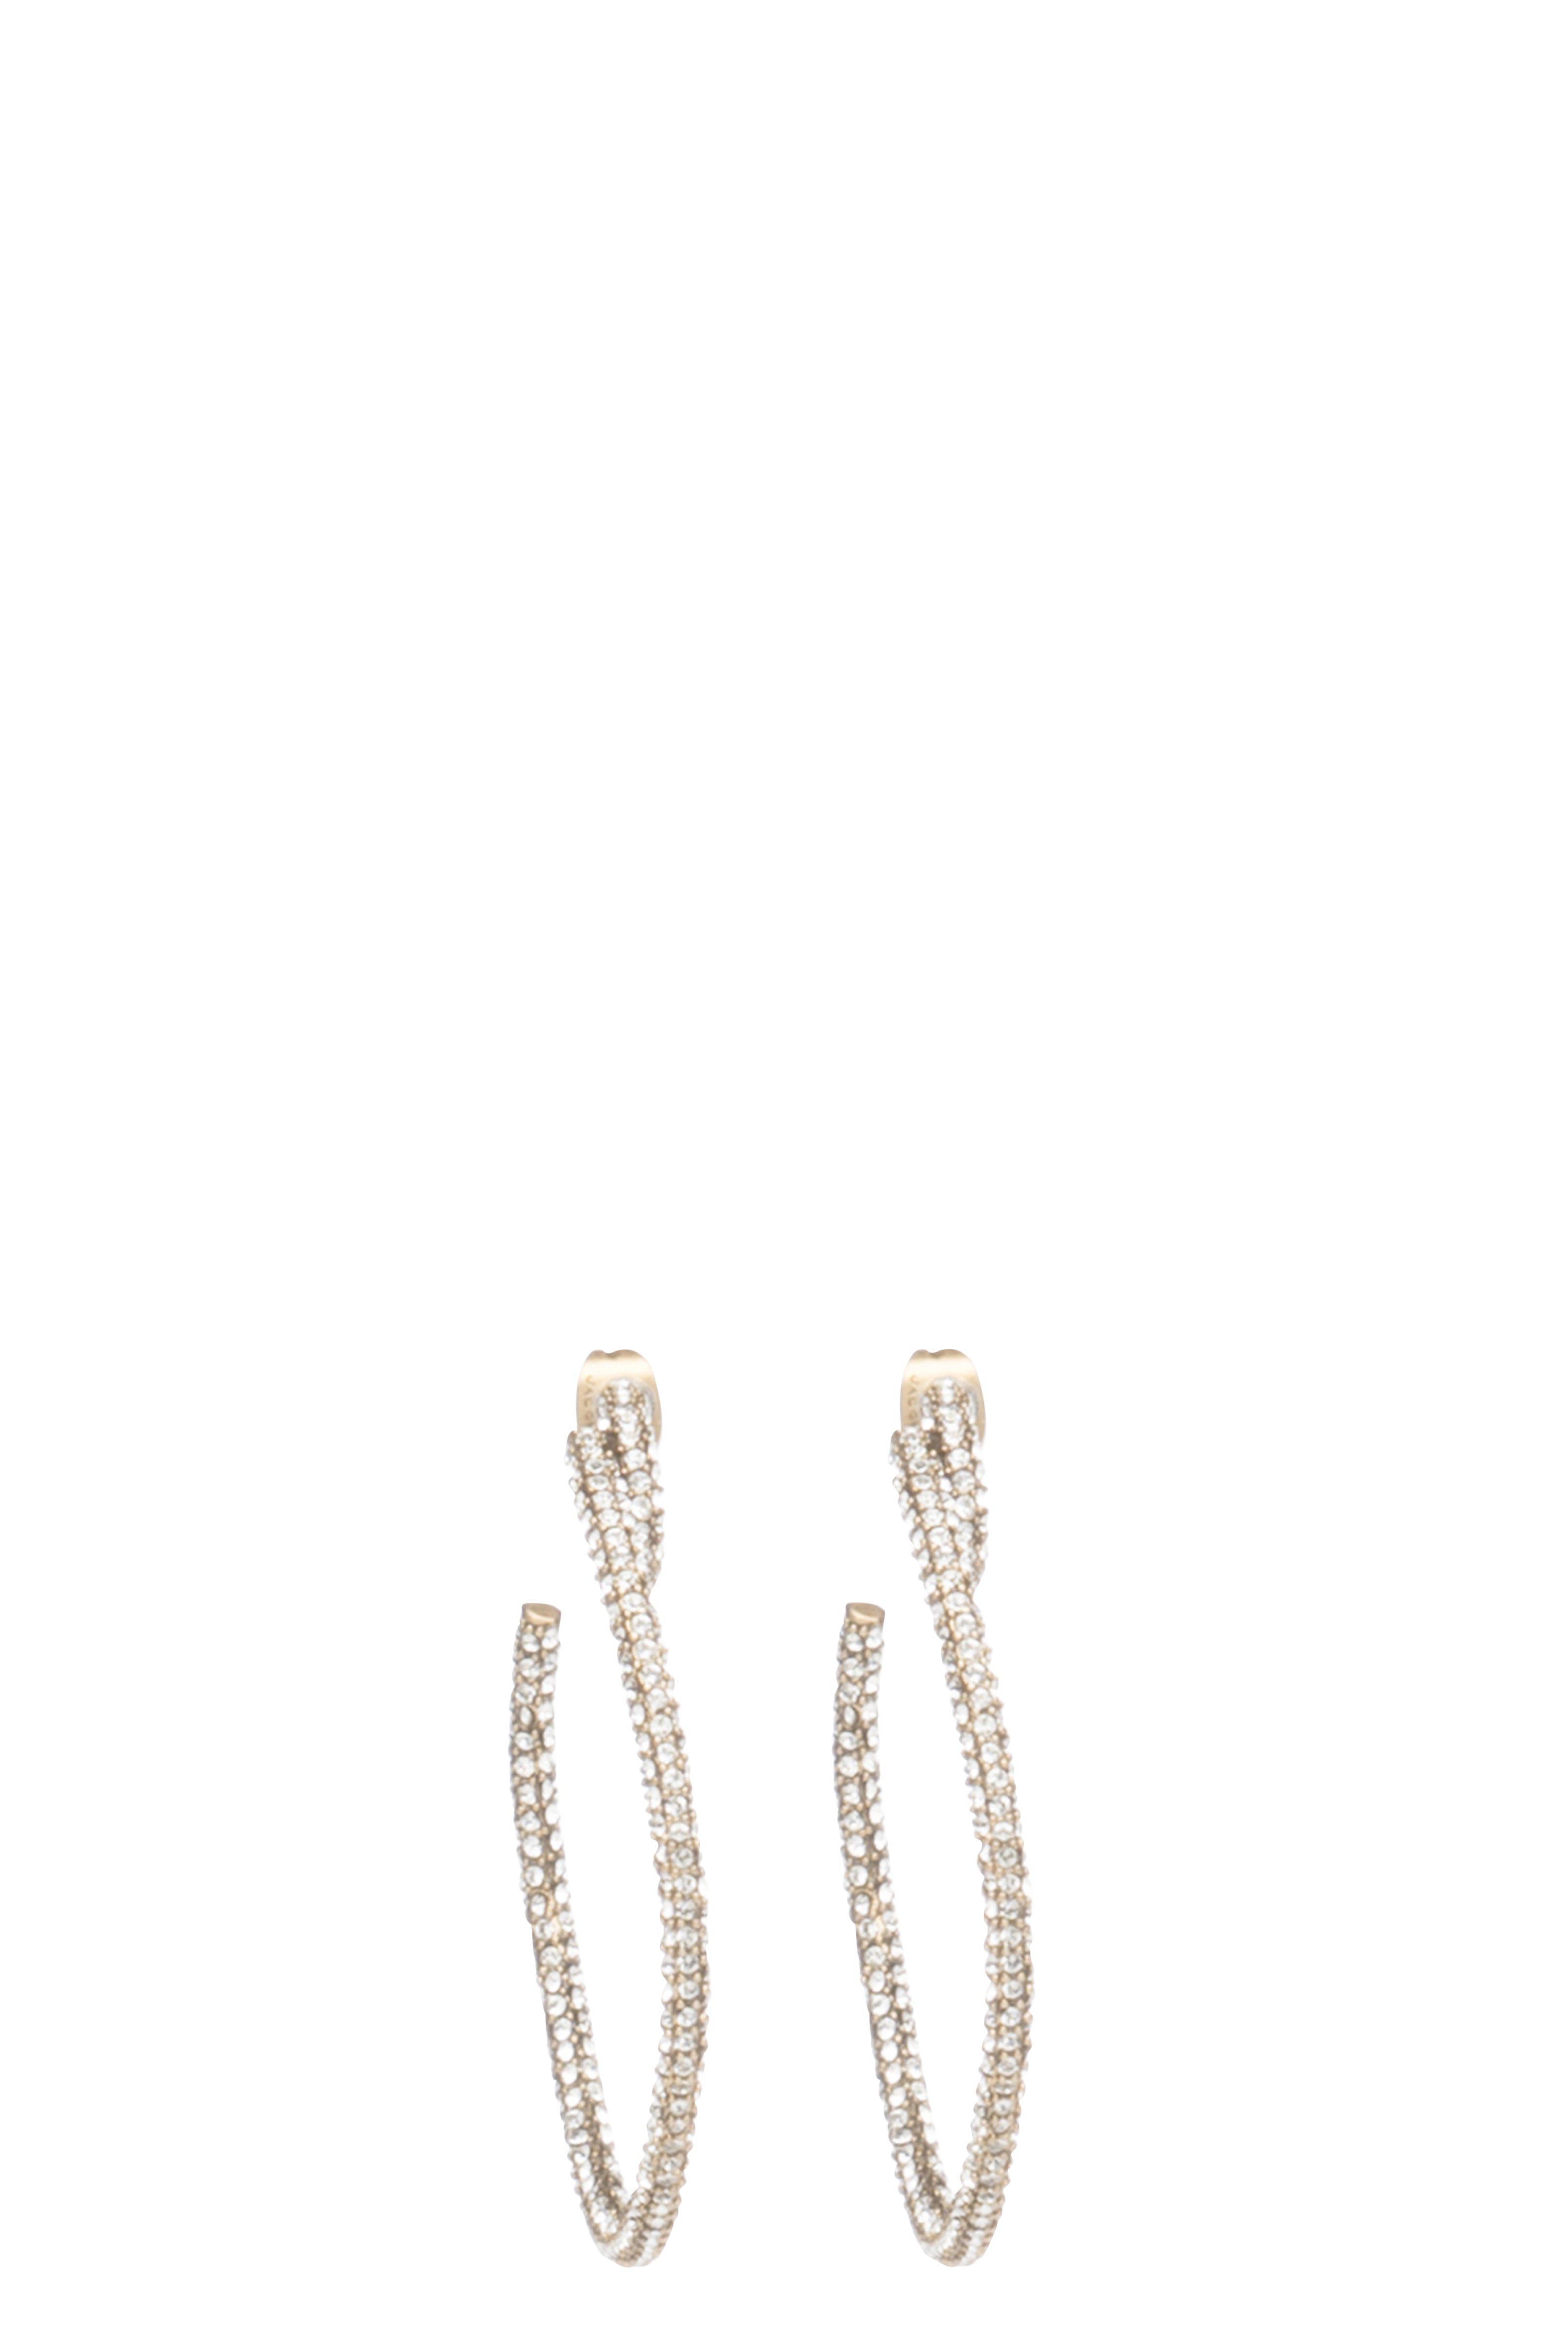 Marc Jacobs Earrings Pavé Large Twisted Hoop Earrings